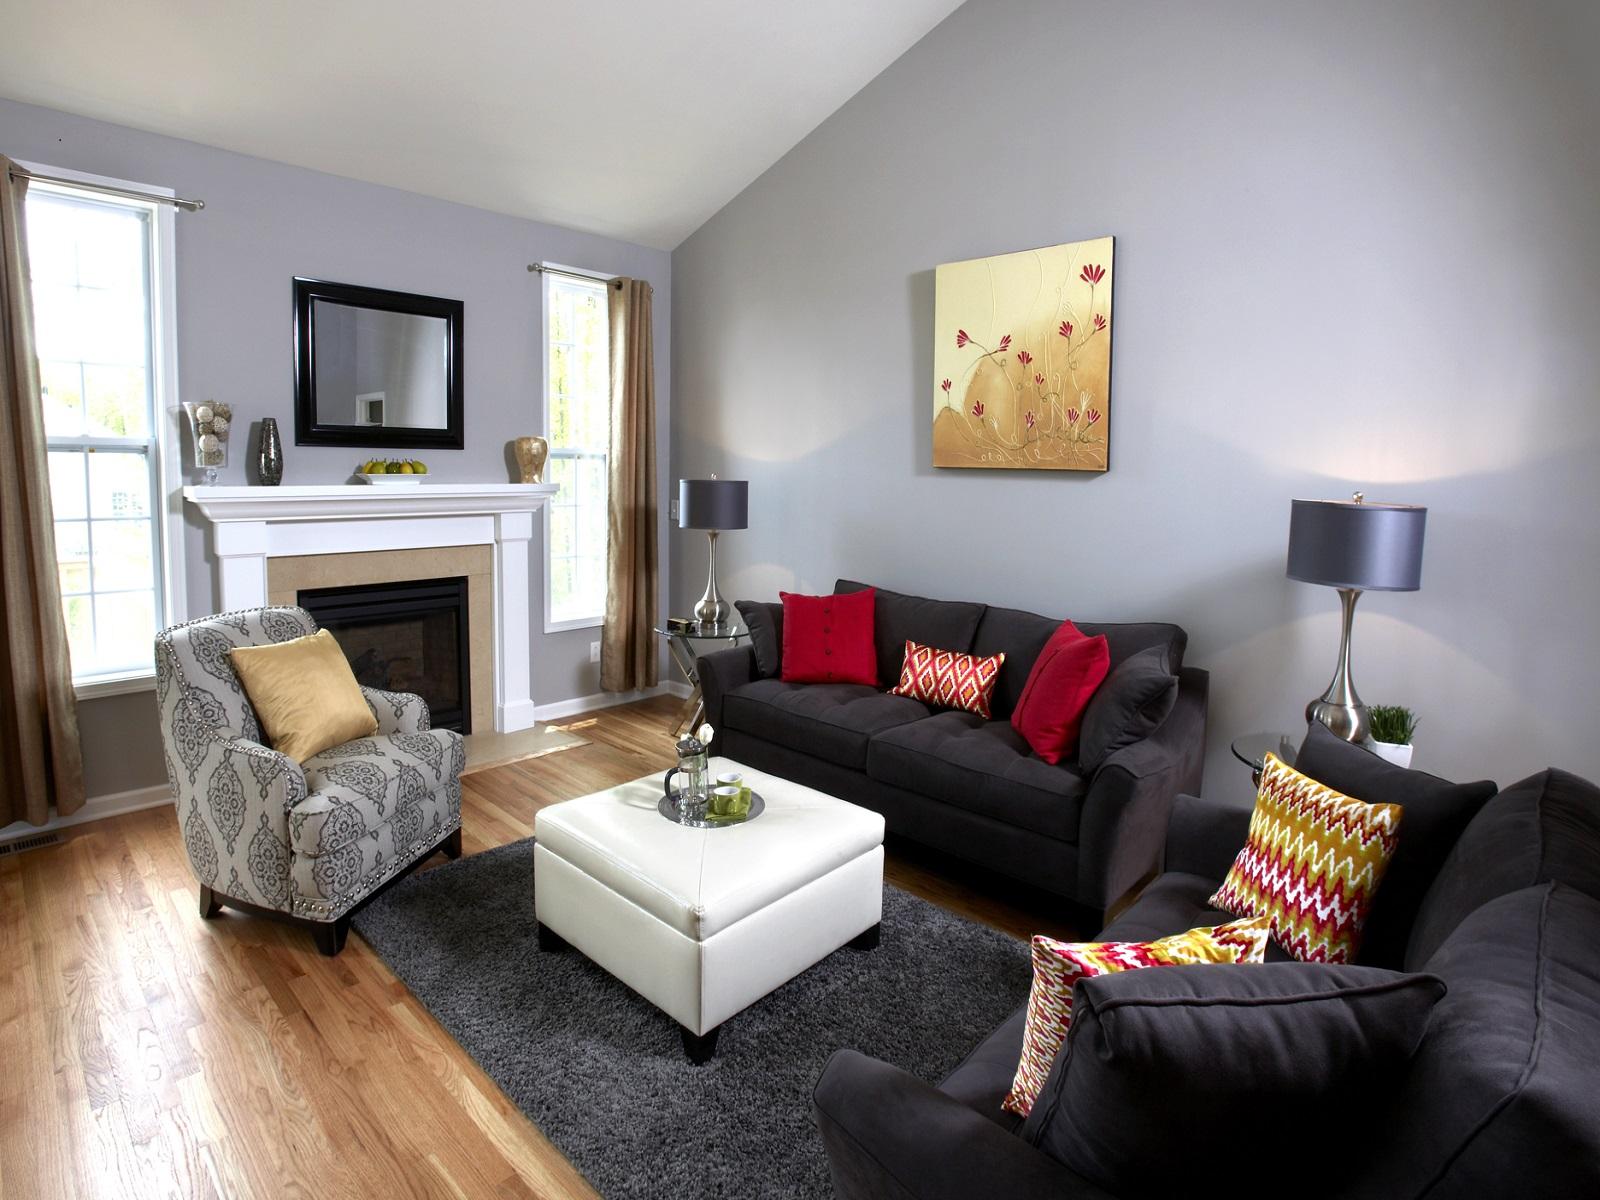 Черный диван с текстильной обивкой